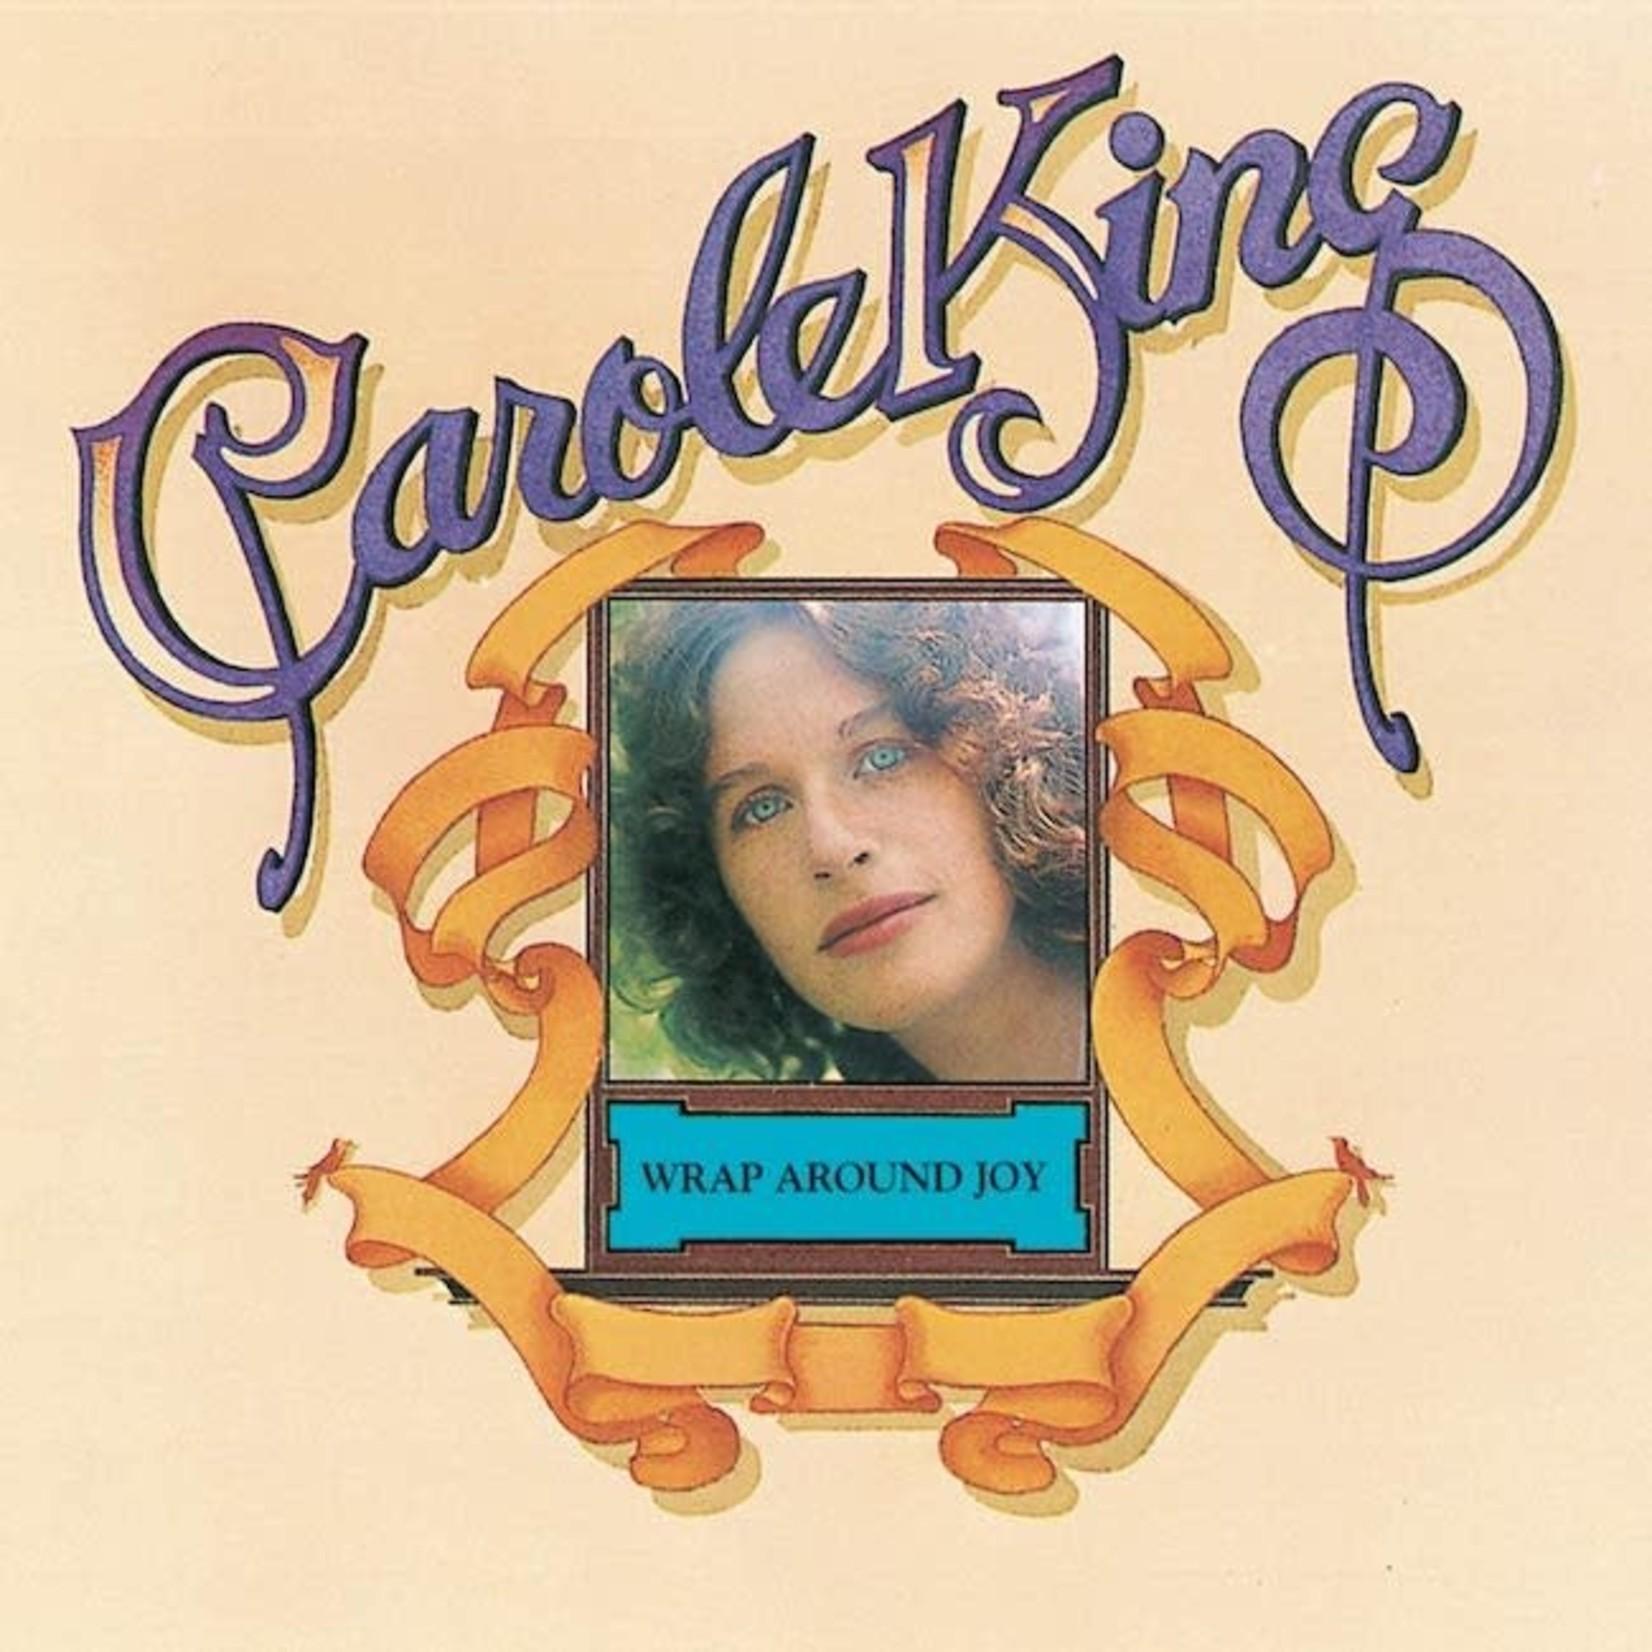 [Vintage] King, Carole: Wrap Around Joy